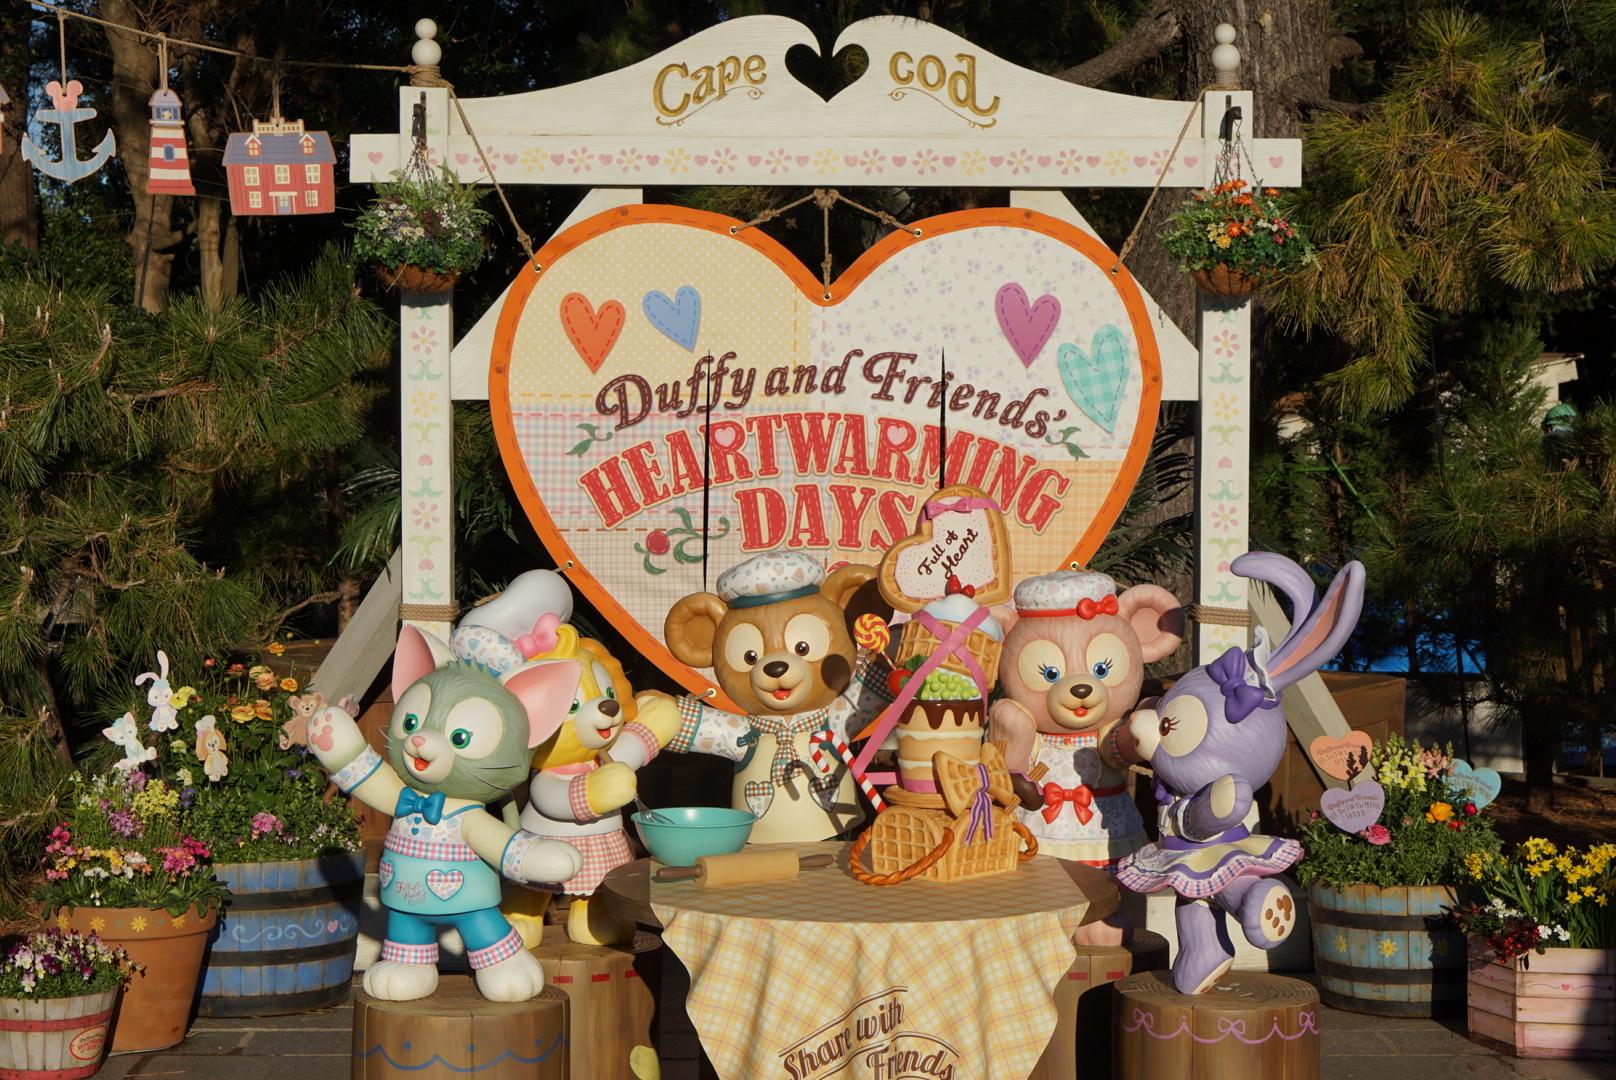 Tokyo Disney Sea 東京ディズニーシー ダッフィー&フレンズ ハートウォーミング Daffy & Friends_デコレーション ワッフルタワー